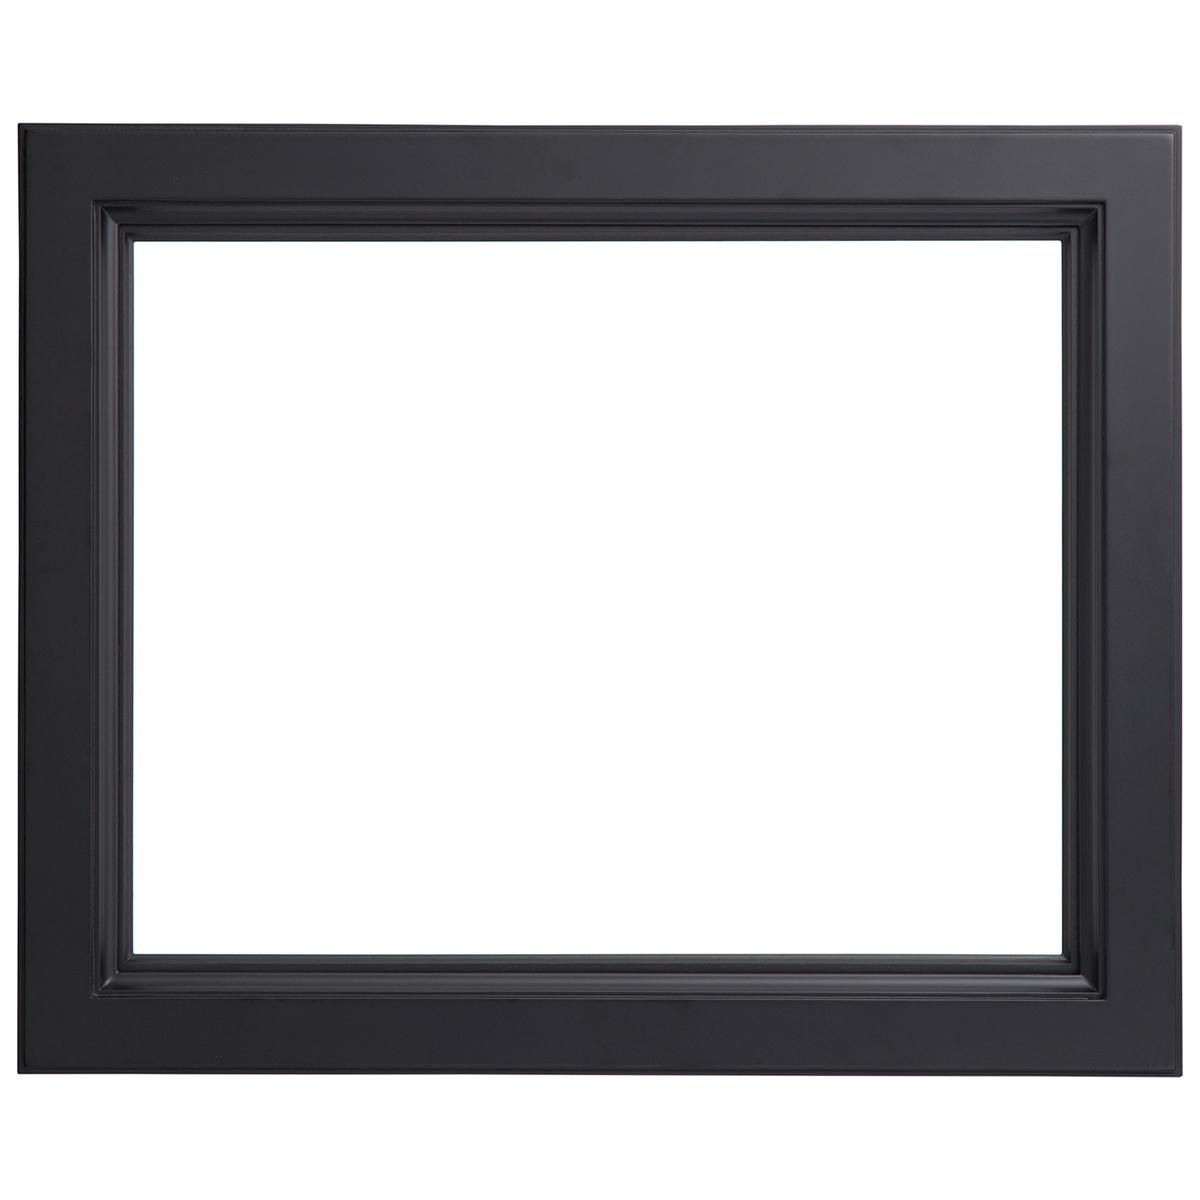 【大型便・時間指定不可】ラーソン・ジュール 油絵用額縁 A260 F30 ブラック